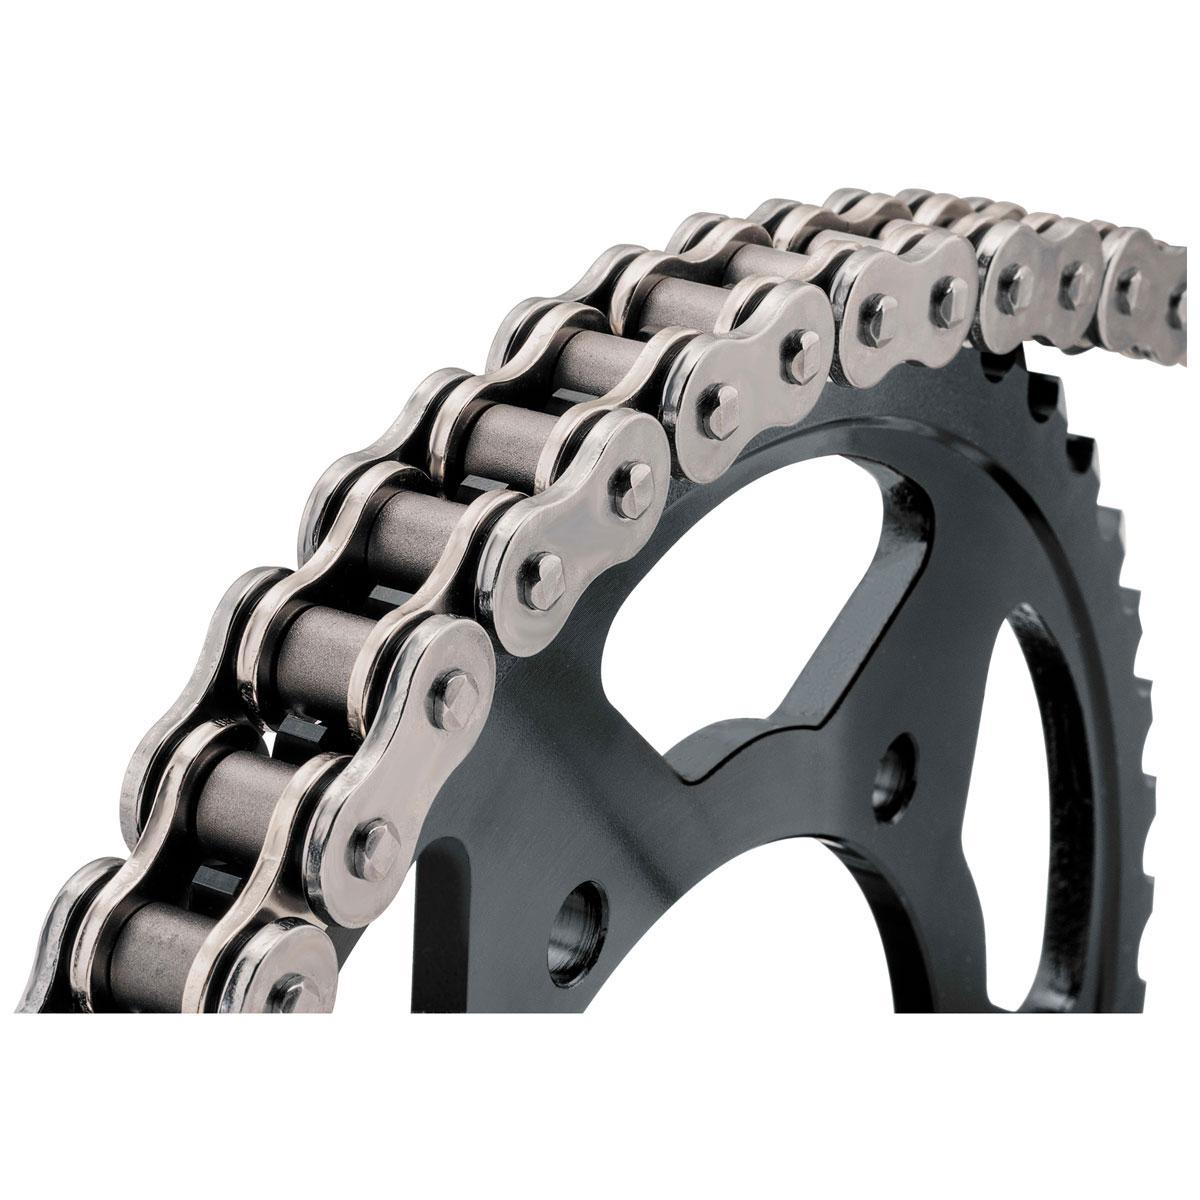 120 Links 19-7289 BikeMaster 530BMOR-120 530 BMOR Series O-Ring Chain